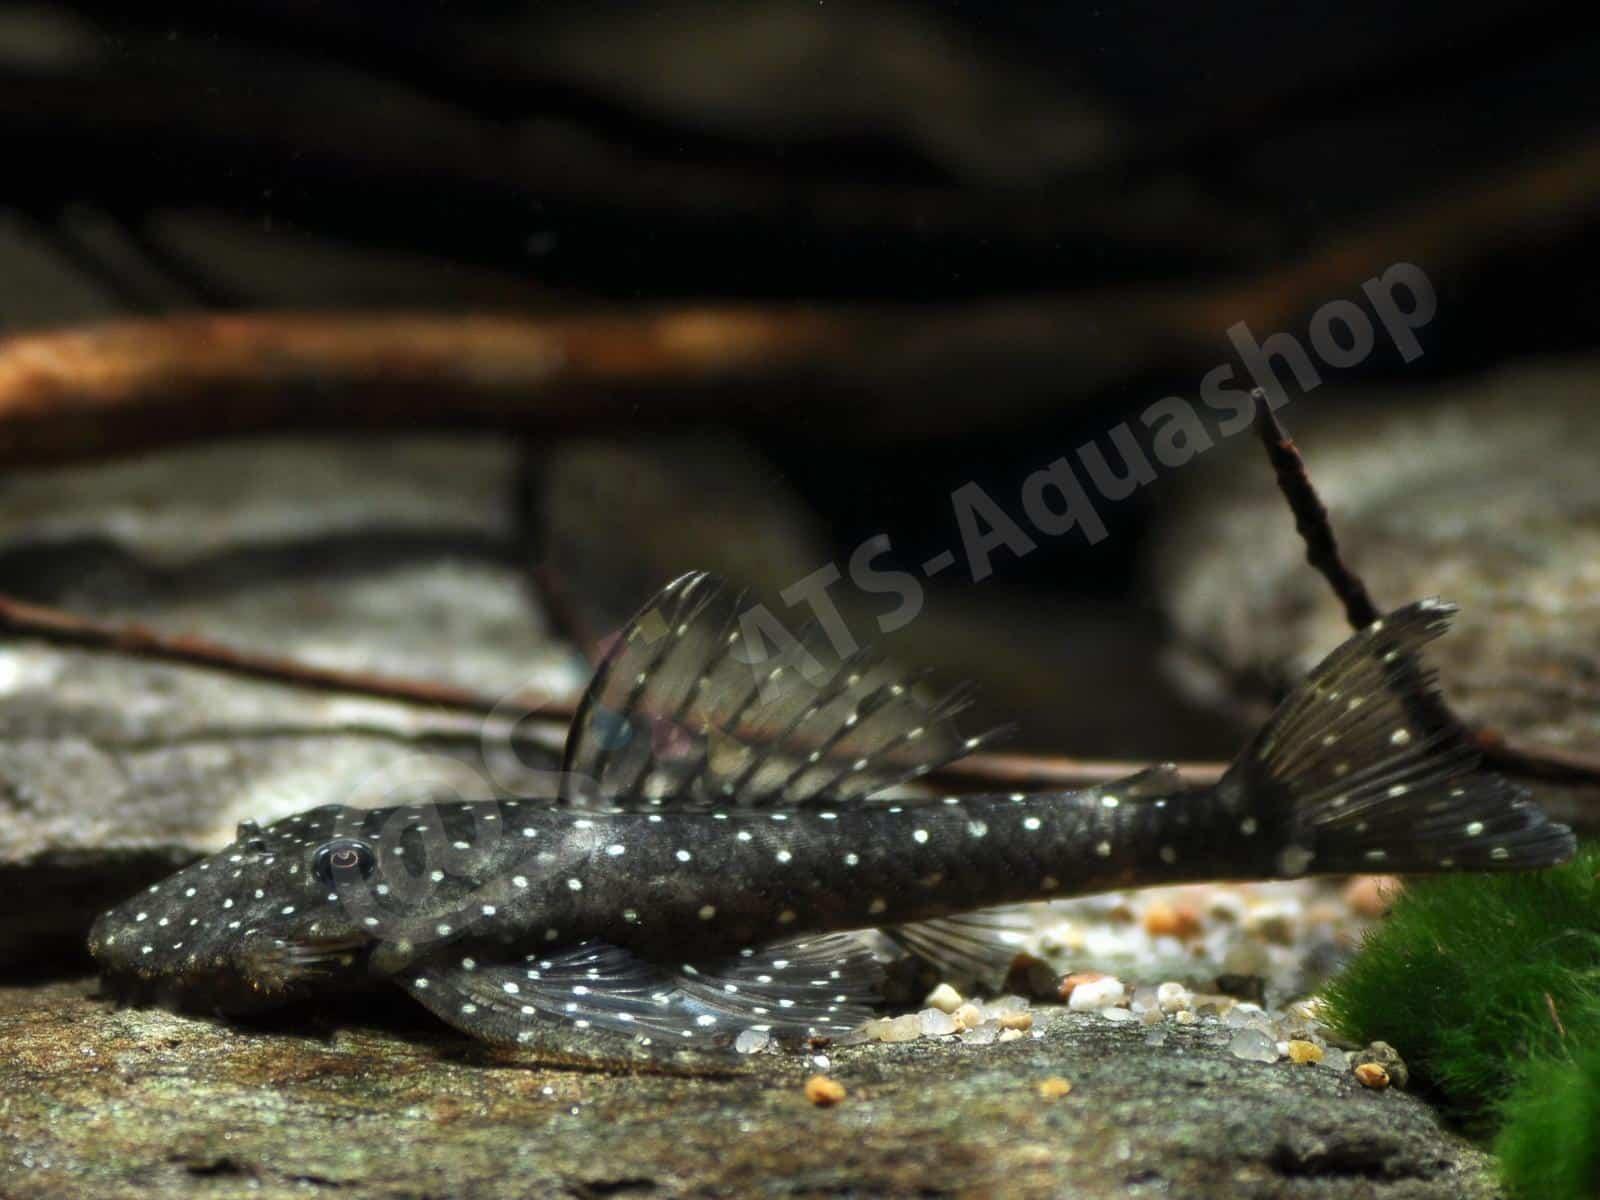 pseudolithoxus nicoi enrico richter 0012 6